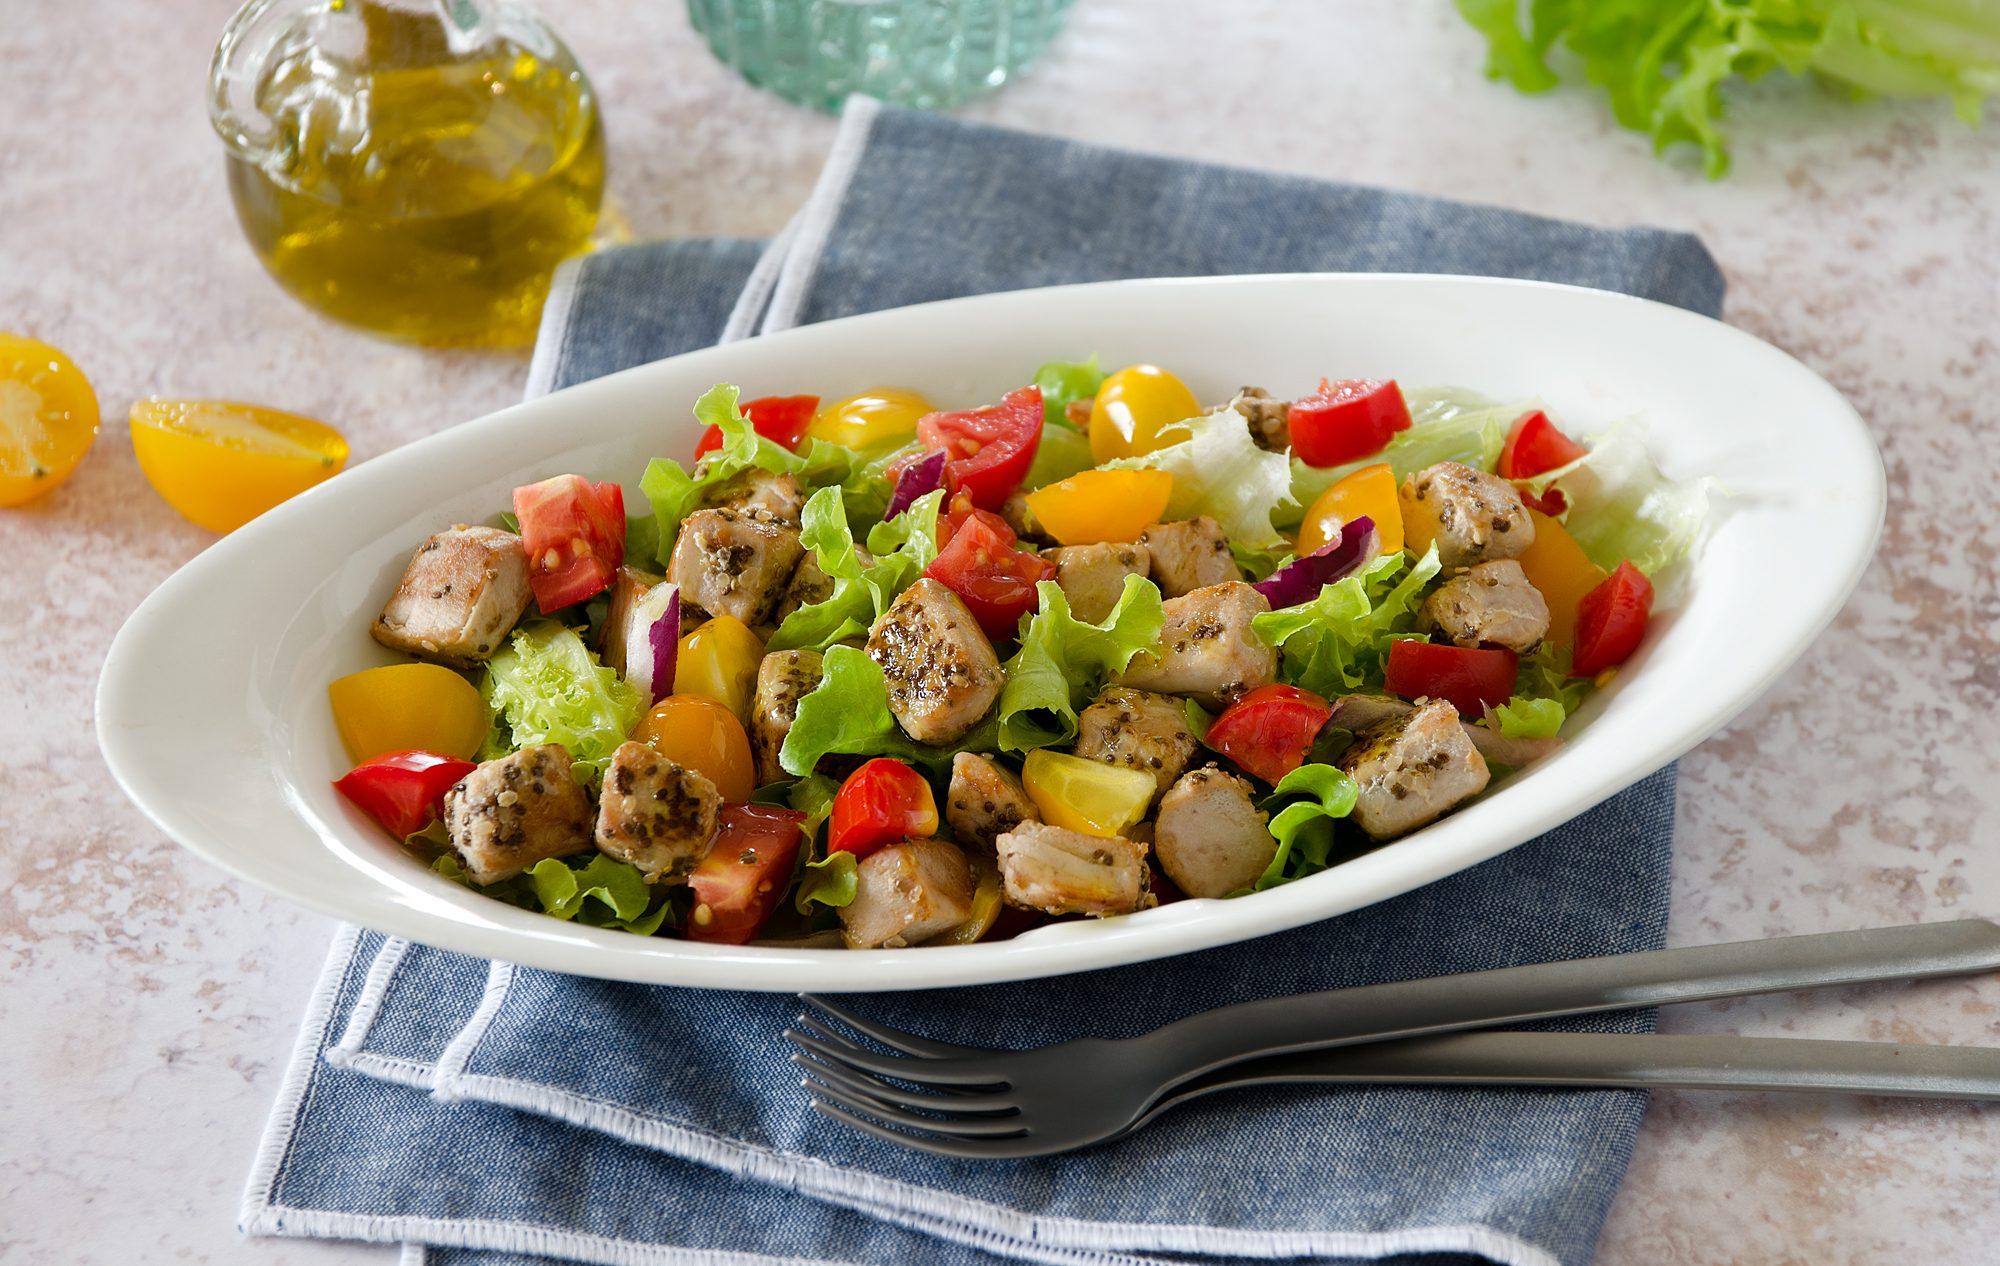 Insalata di tonno fresco: la ricetta estiva con lattuga e pomodorini